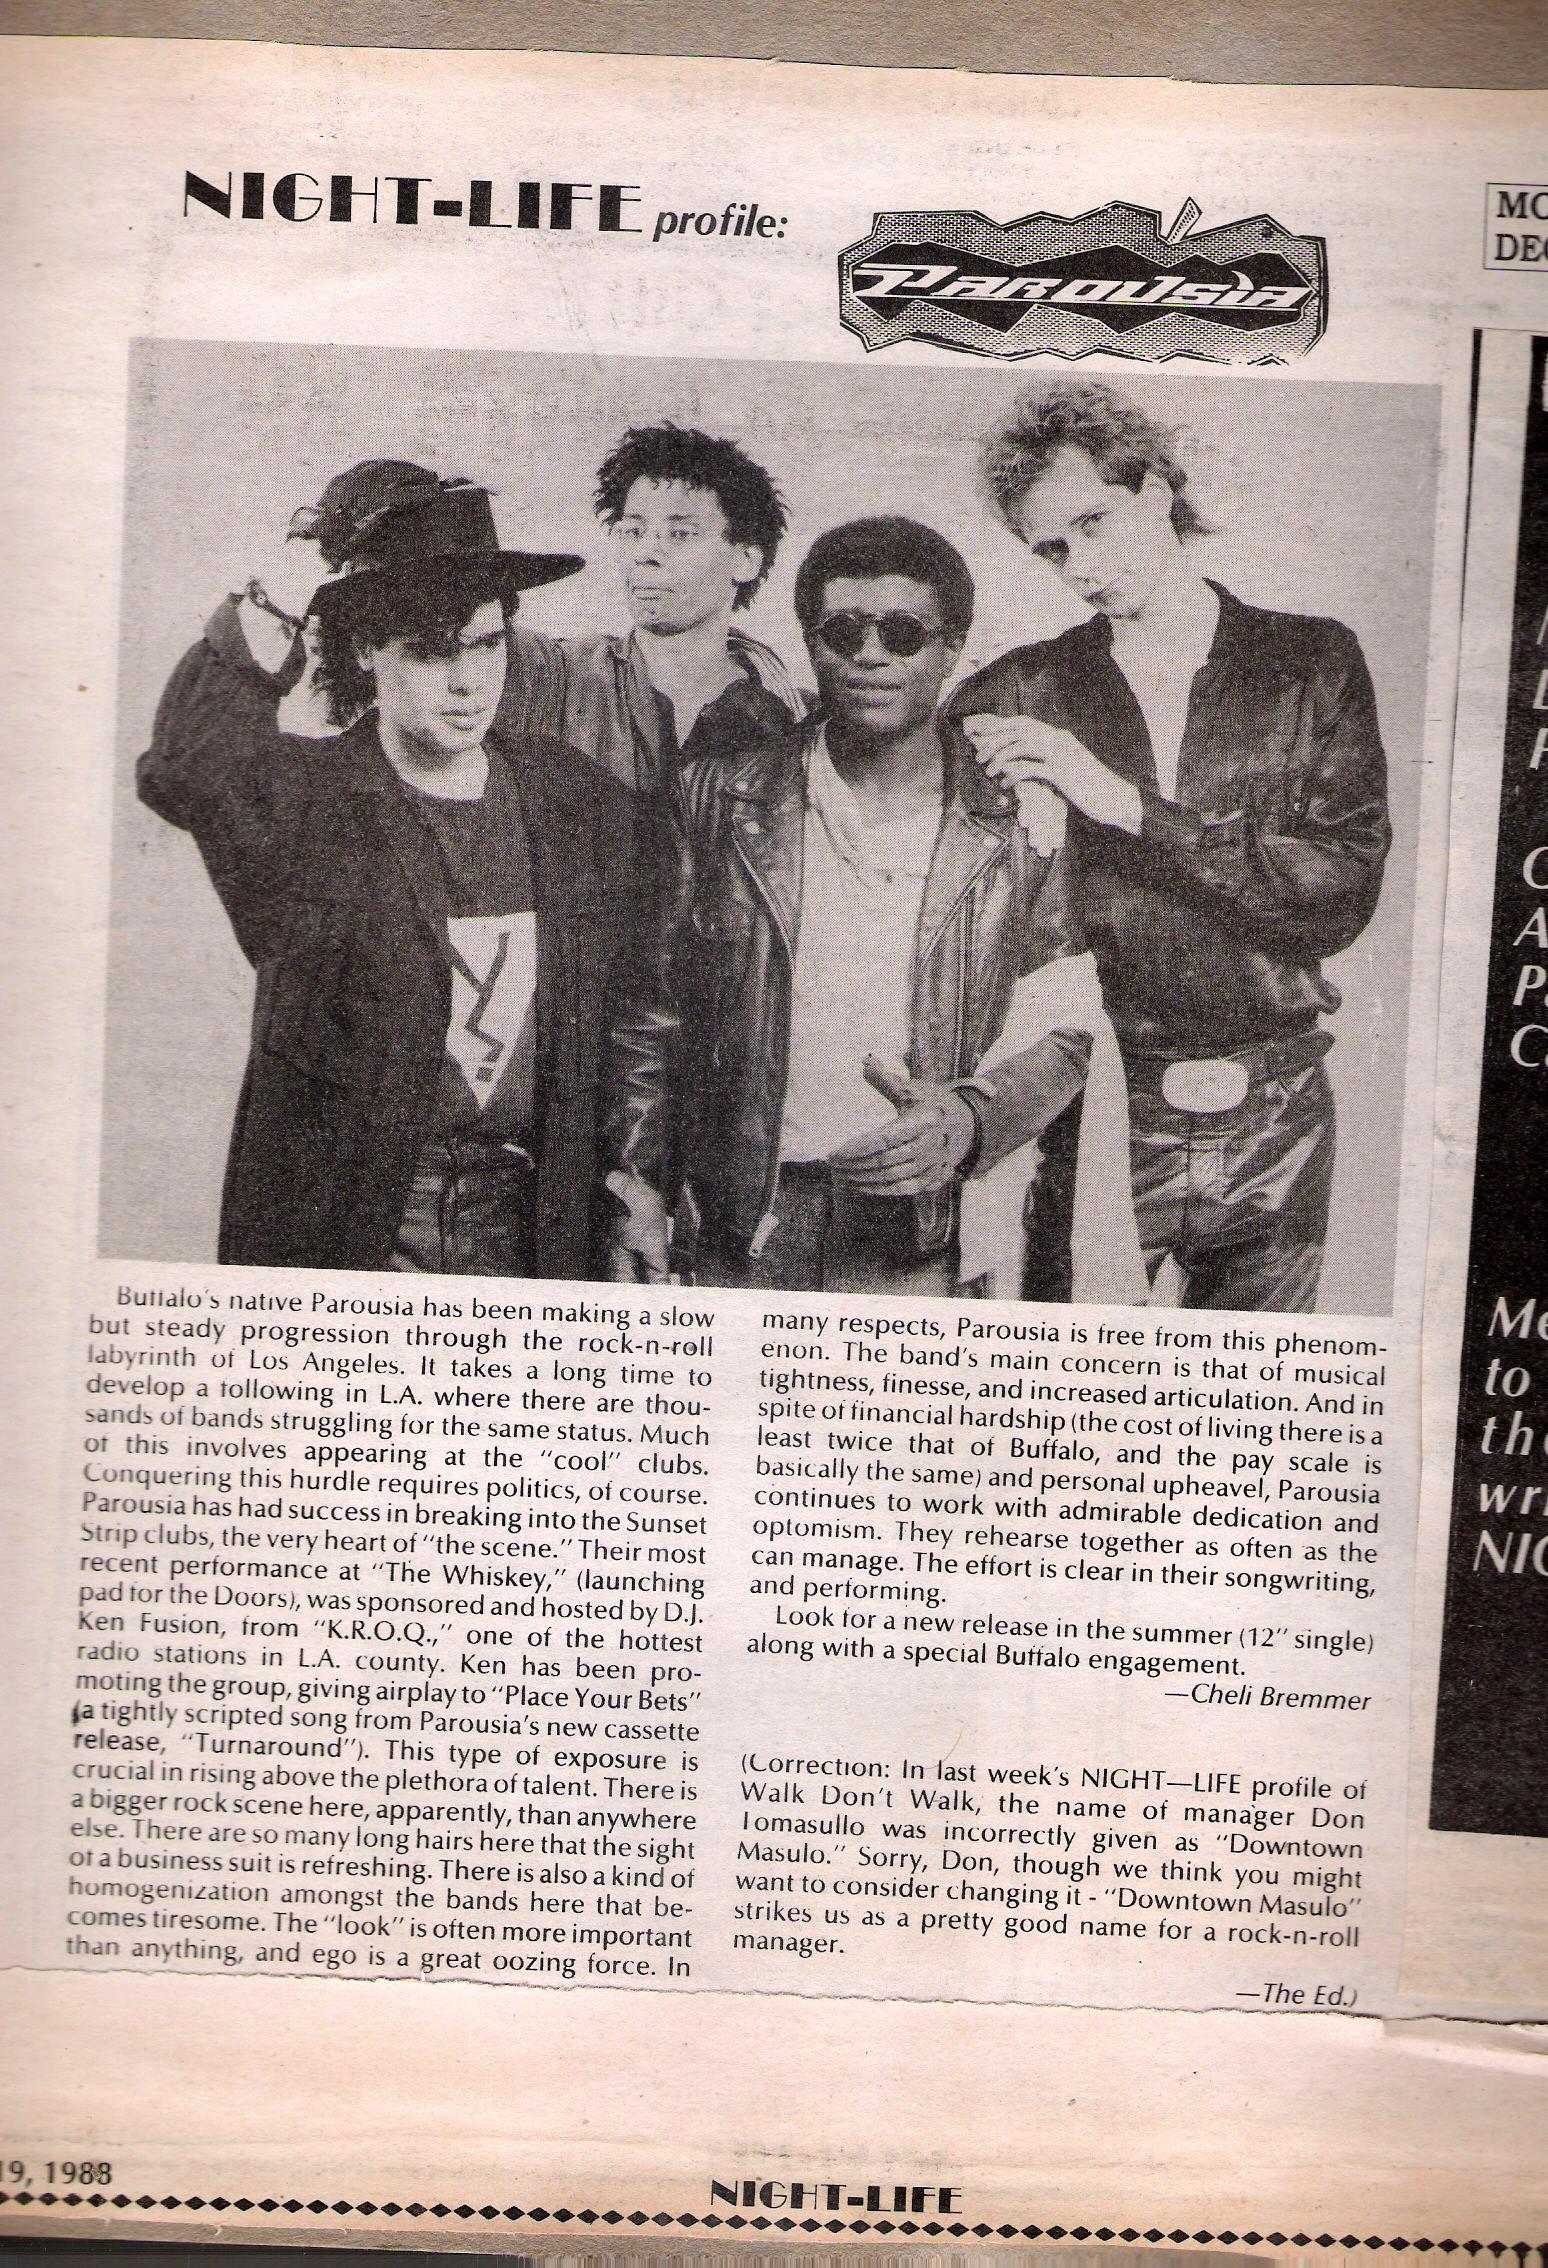 Parousia with Bill Simms: May 1984 – November 1988